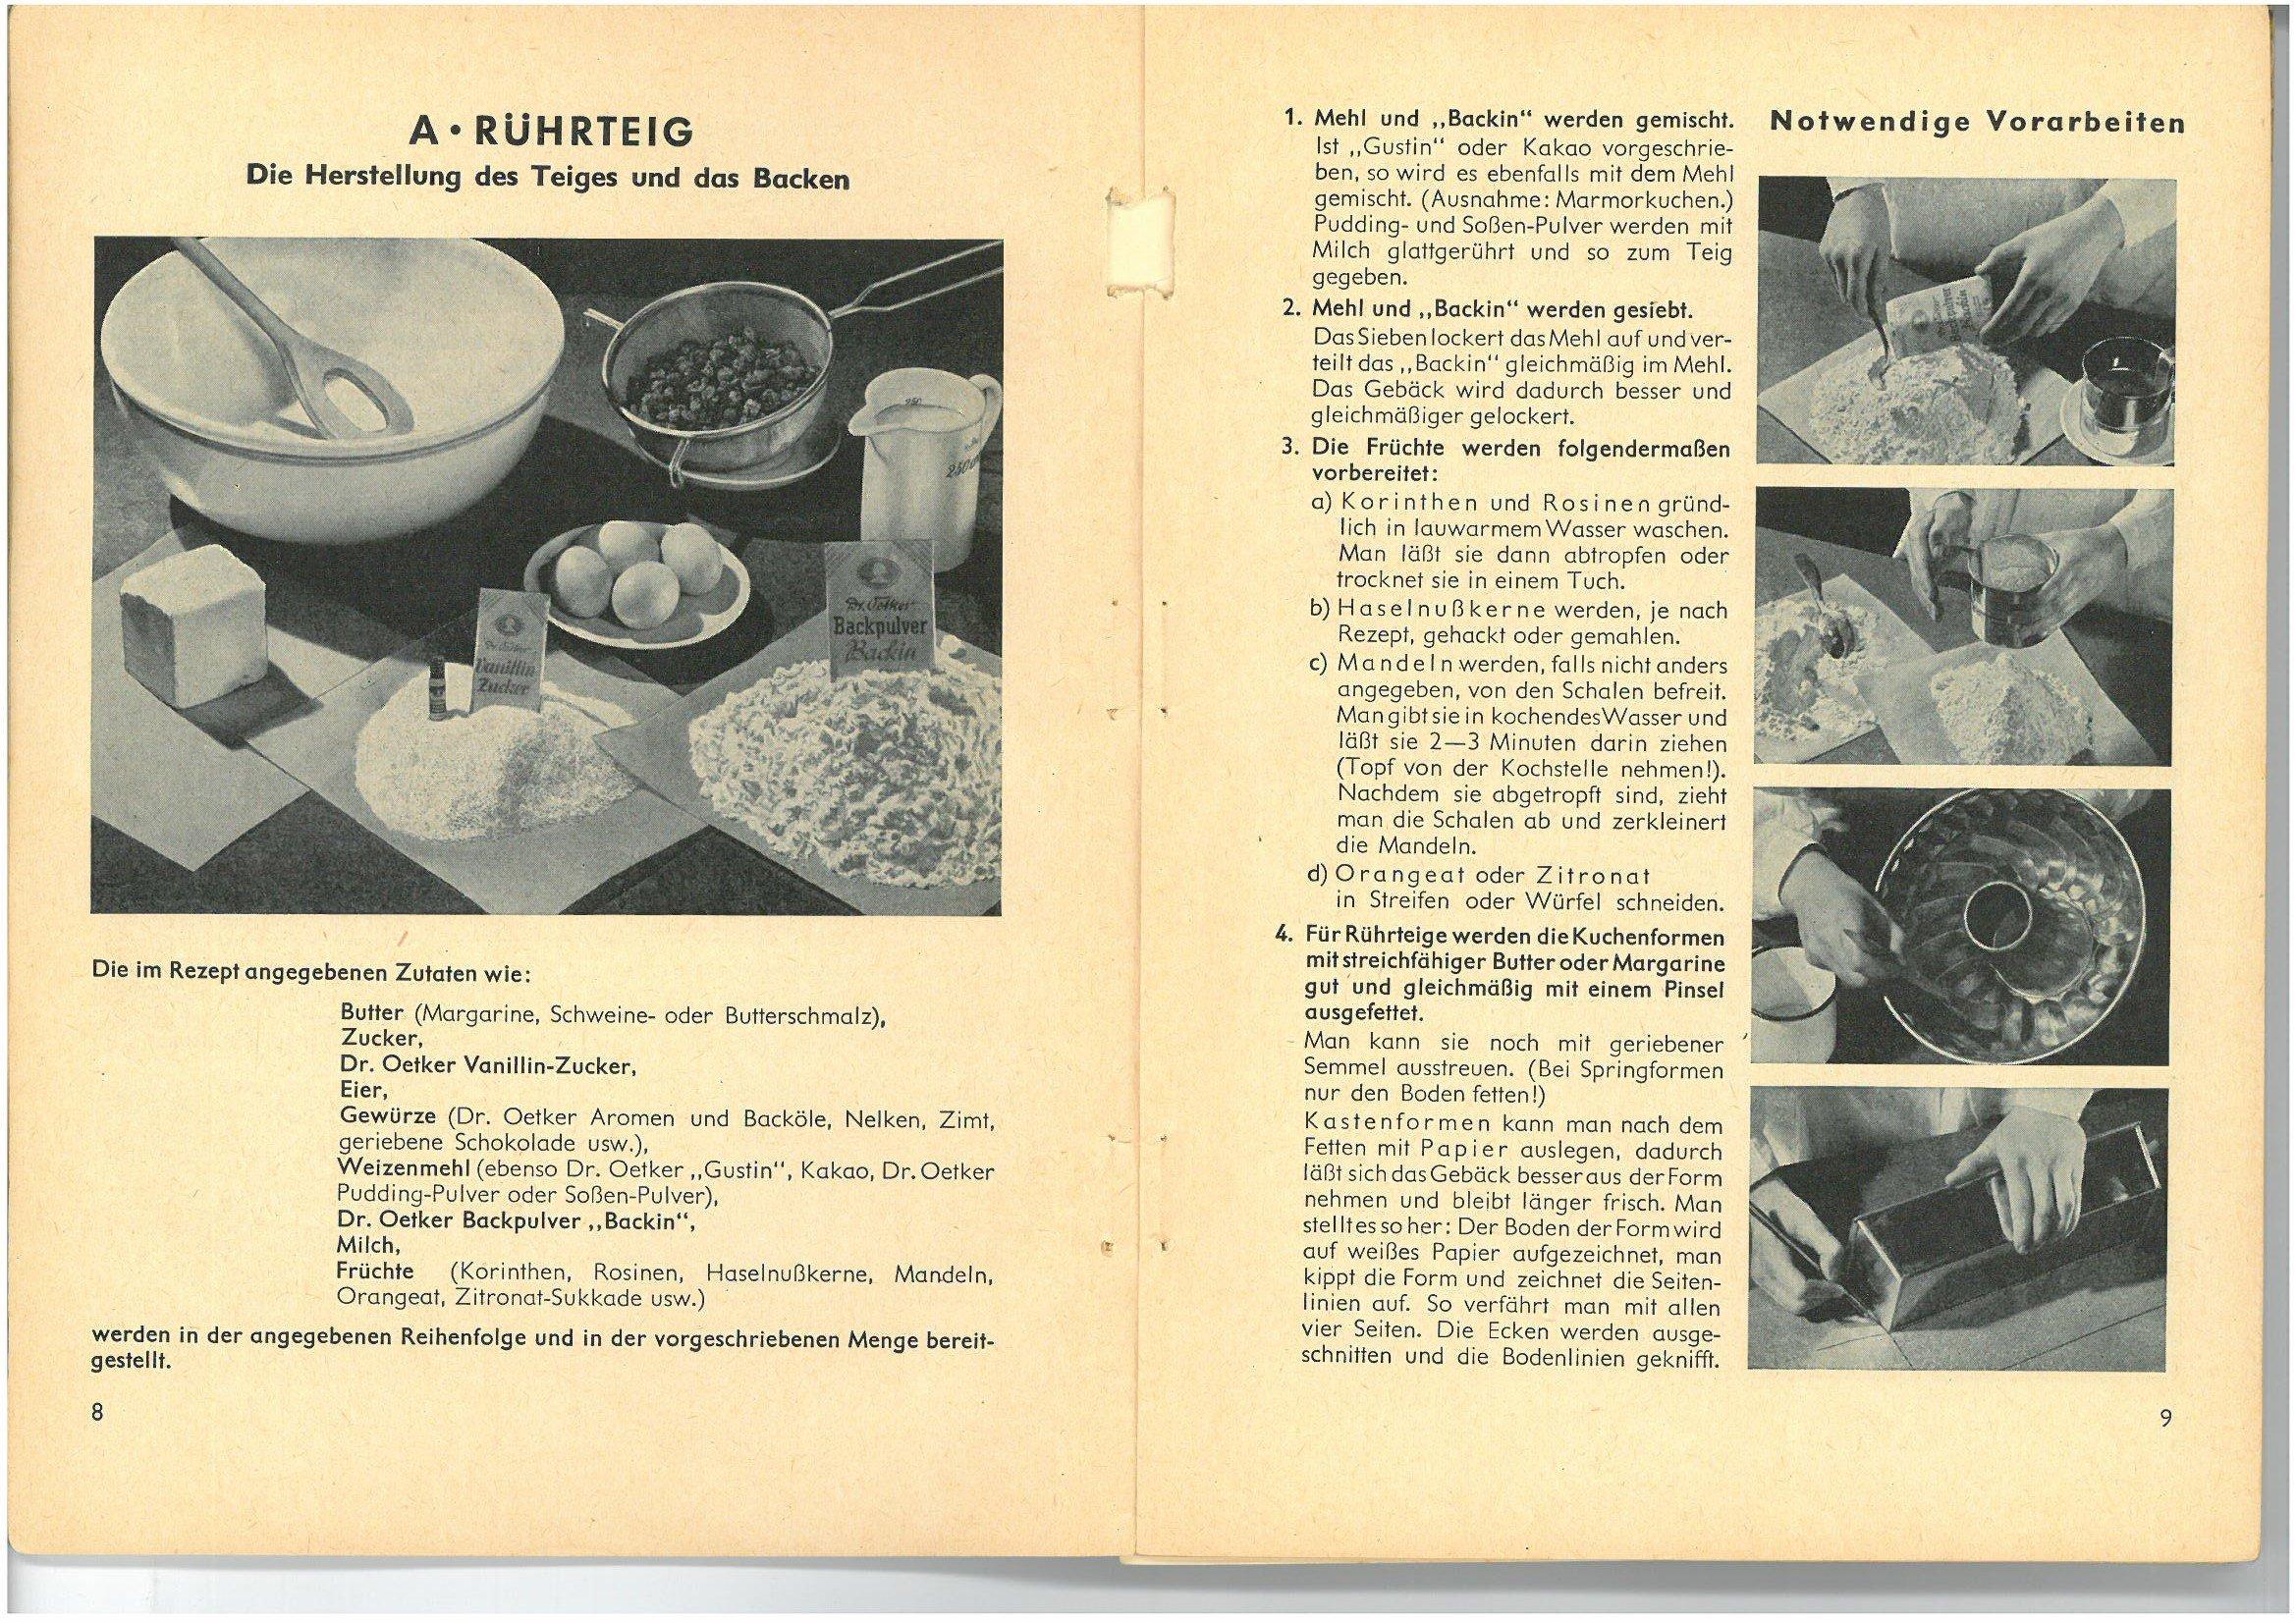 alte rezepte dr oetker beliebte gerichte und rezepte foto blog. Black Bedroom Furniture Sets. Home Design Ideas